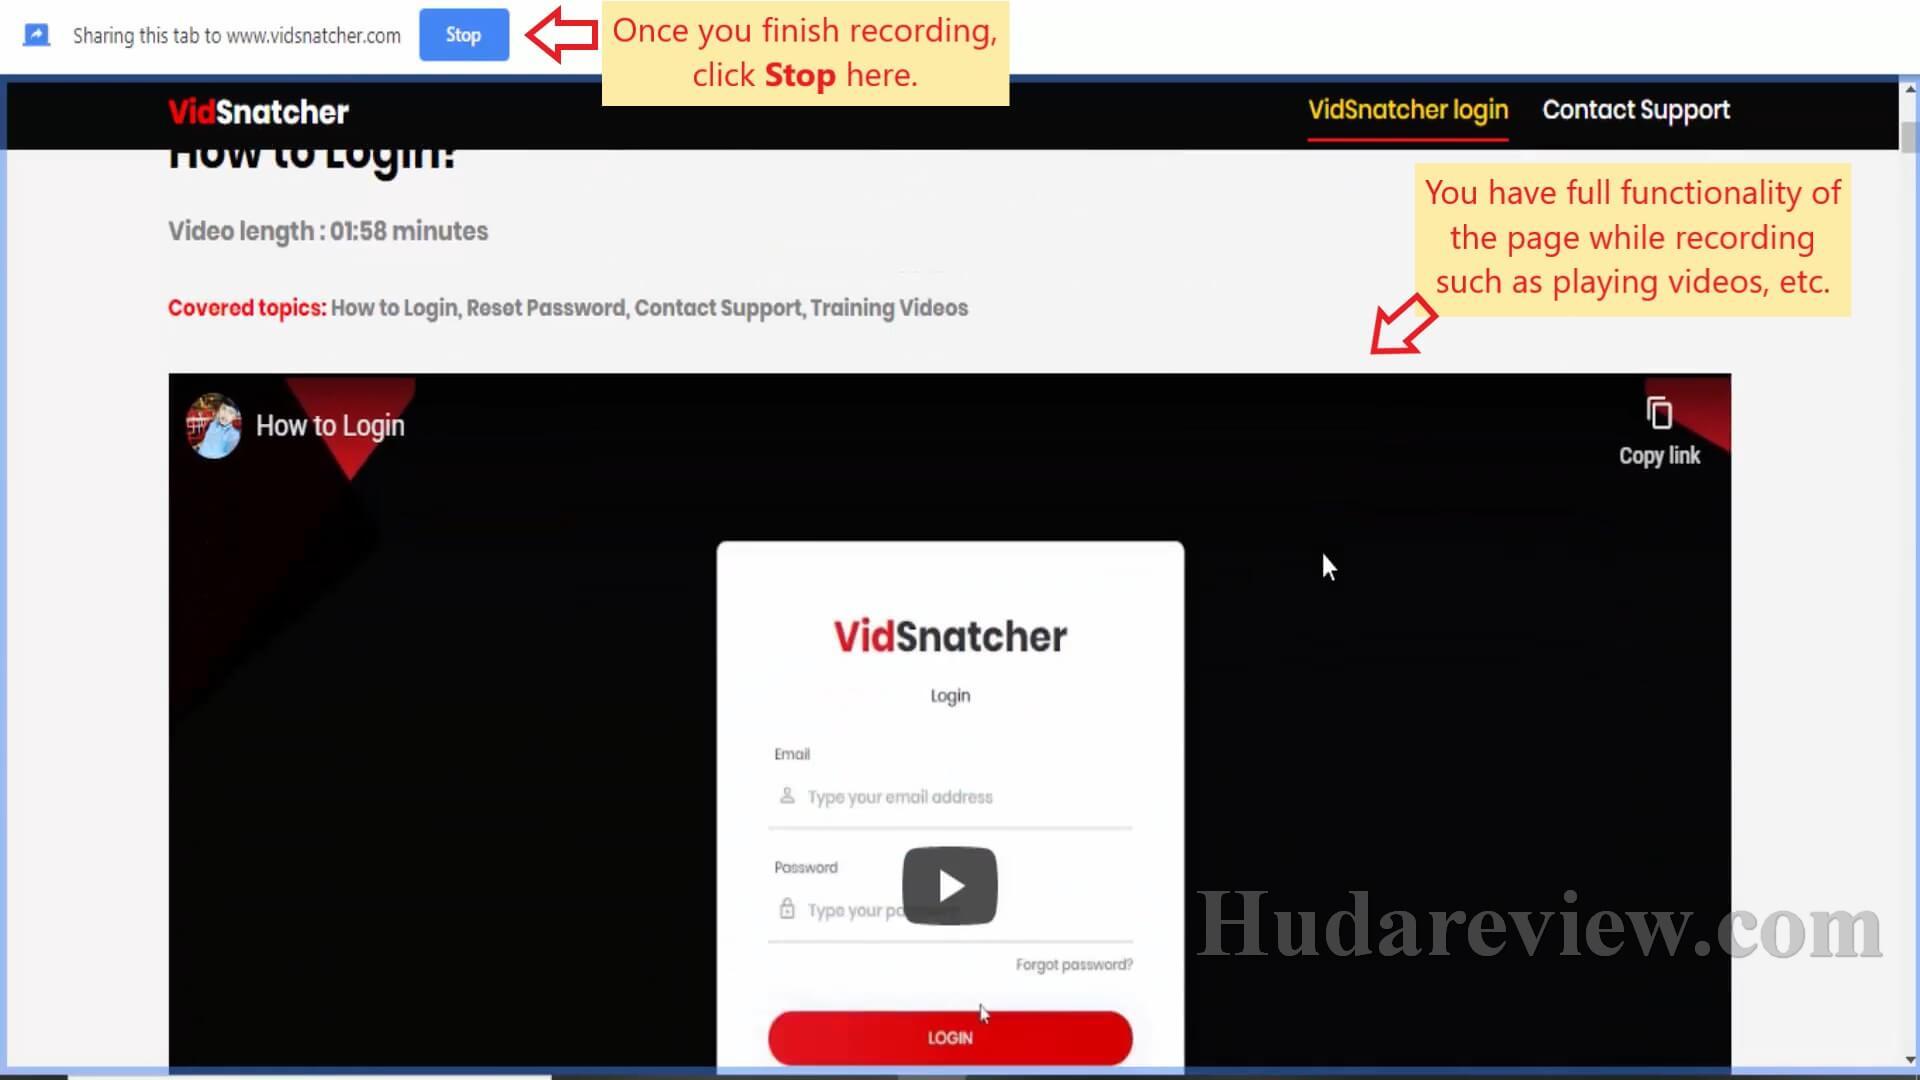 VidSnatcher-Review-3-4